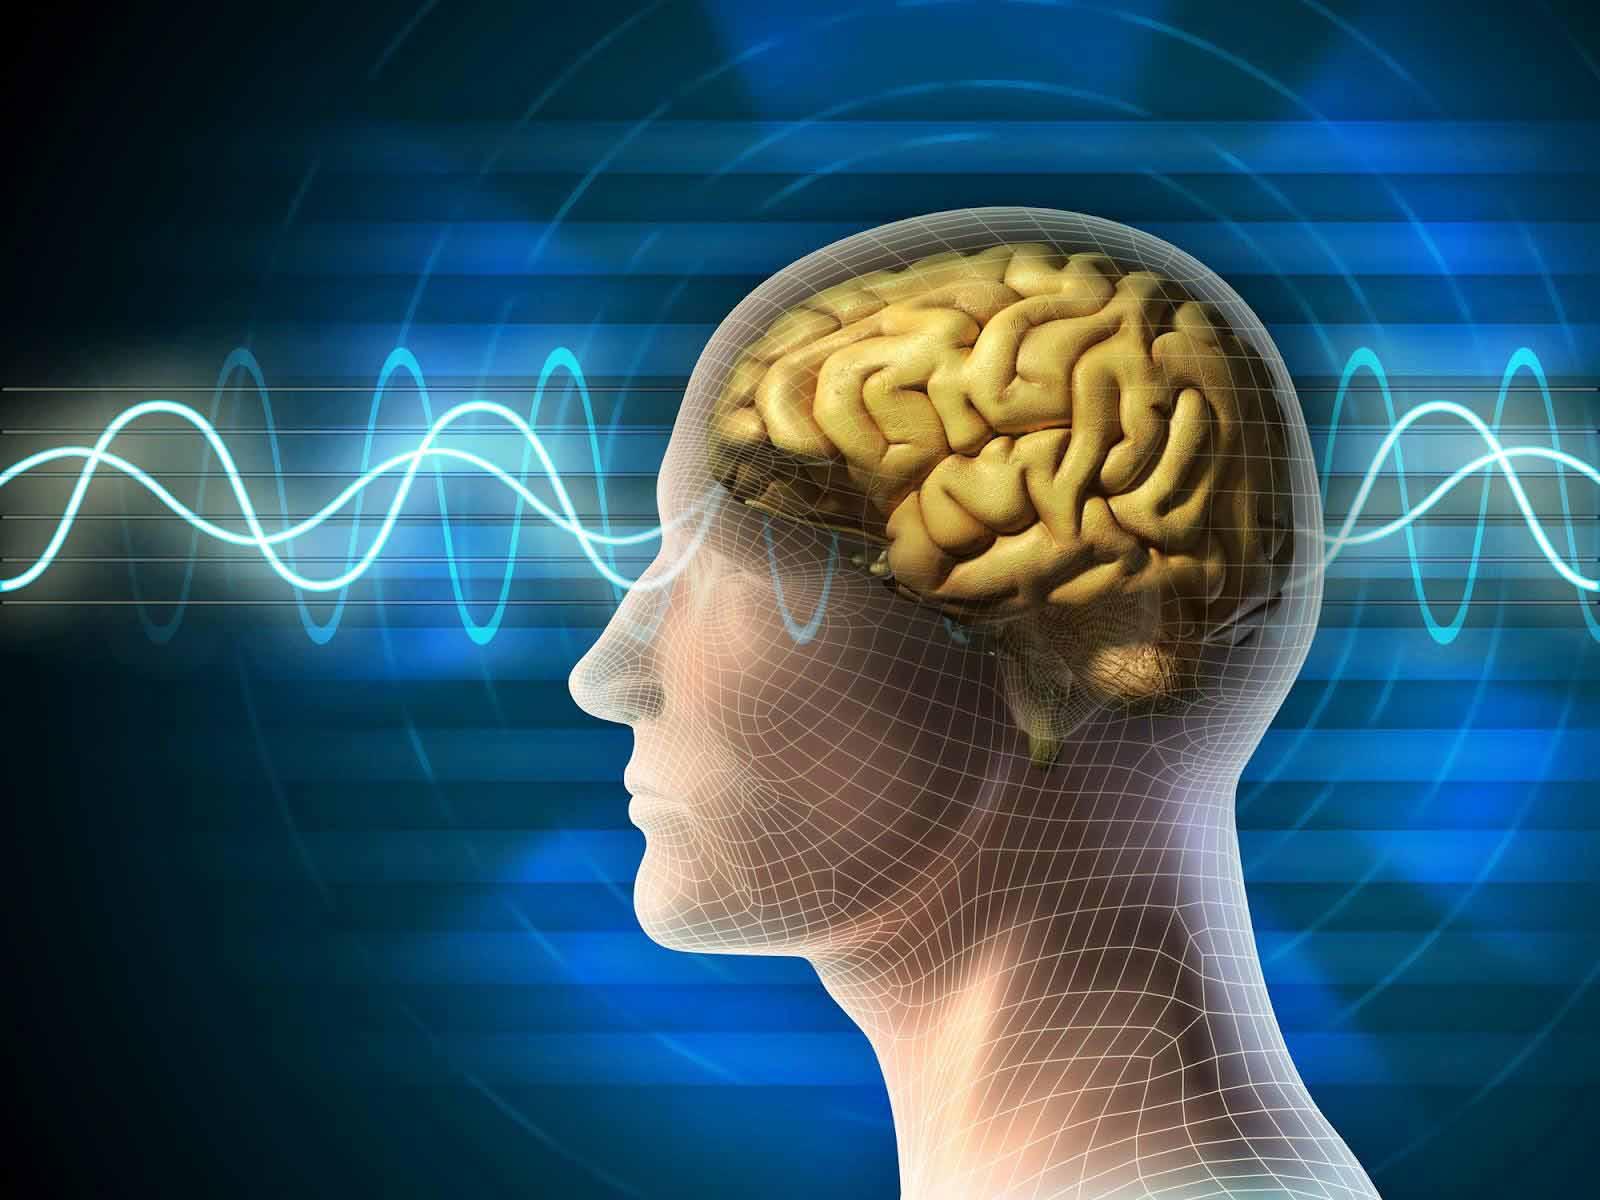 Съзнанието – продукт на мозъка ли е?